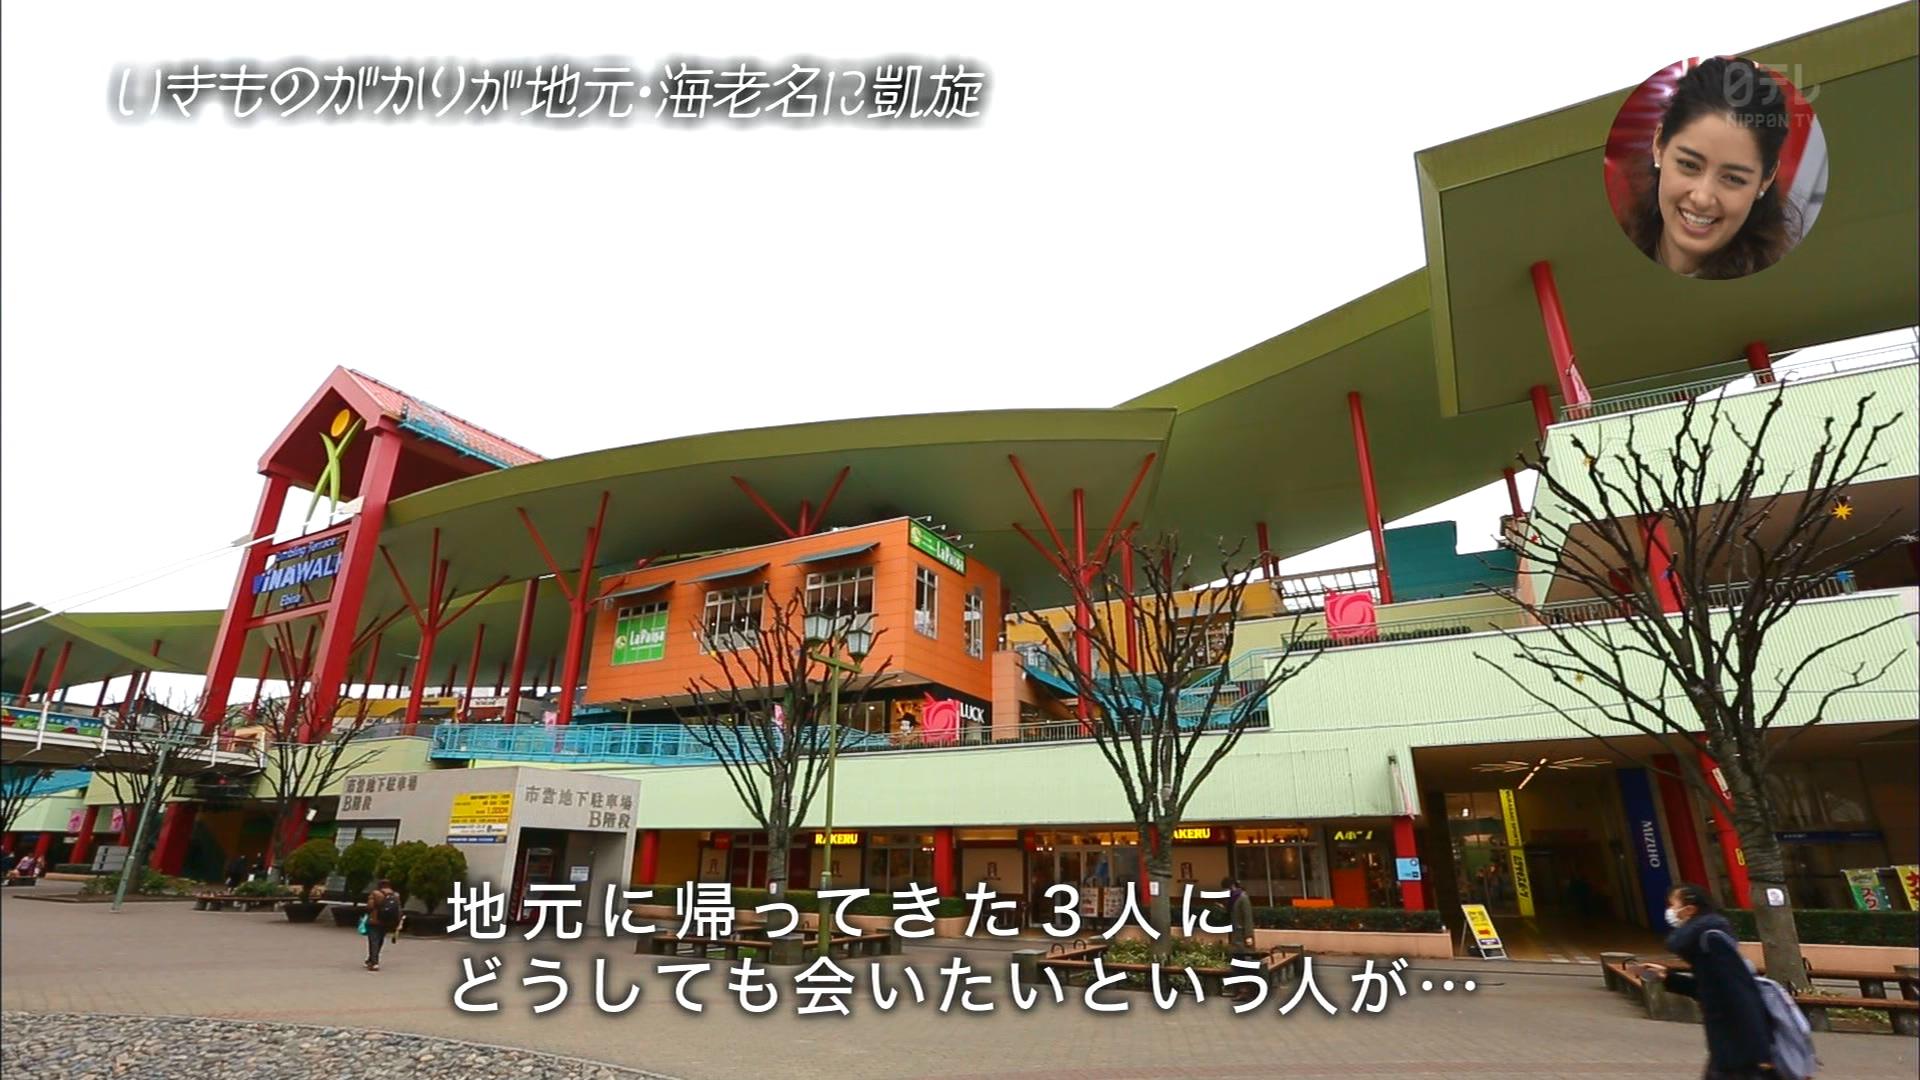 2016.03.13 全場(おしゃれイズム).ts_20160314_011238.428